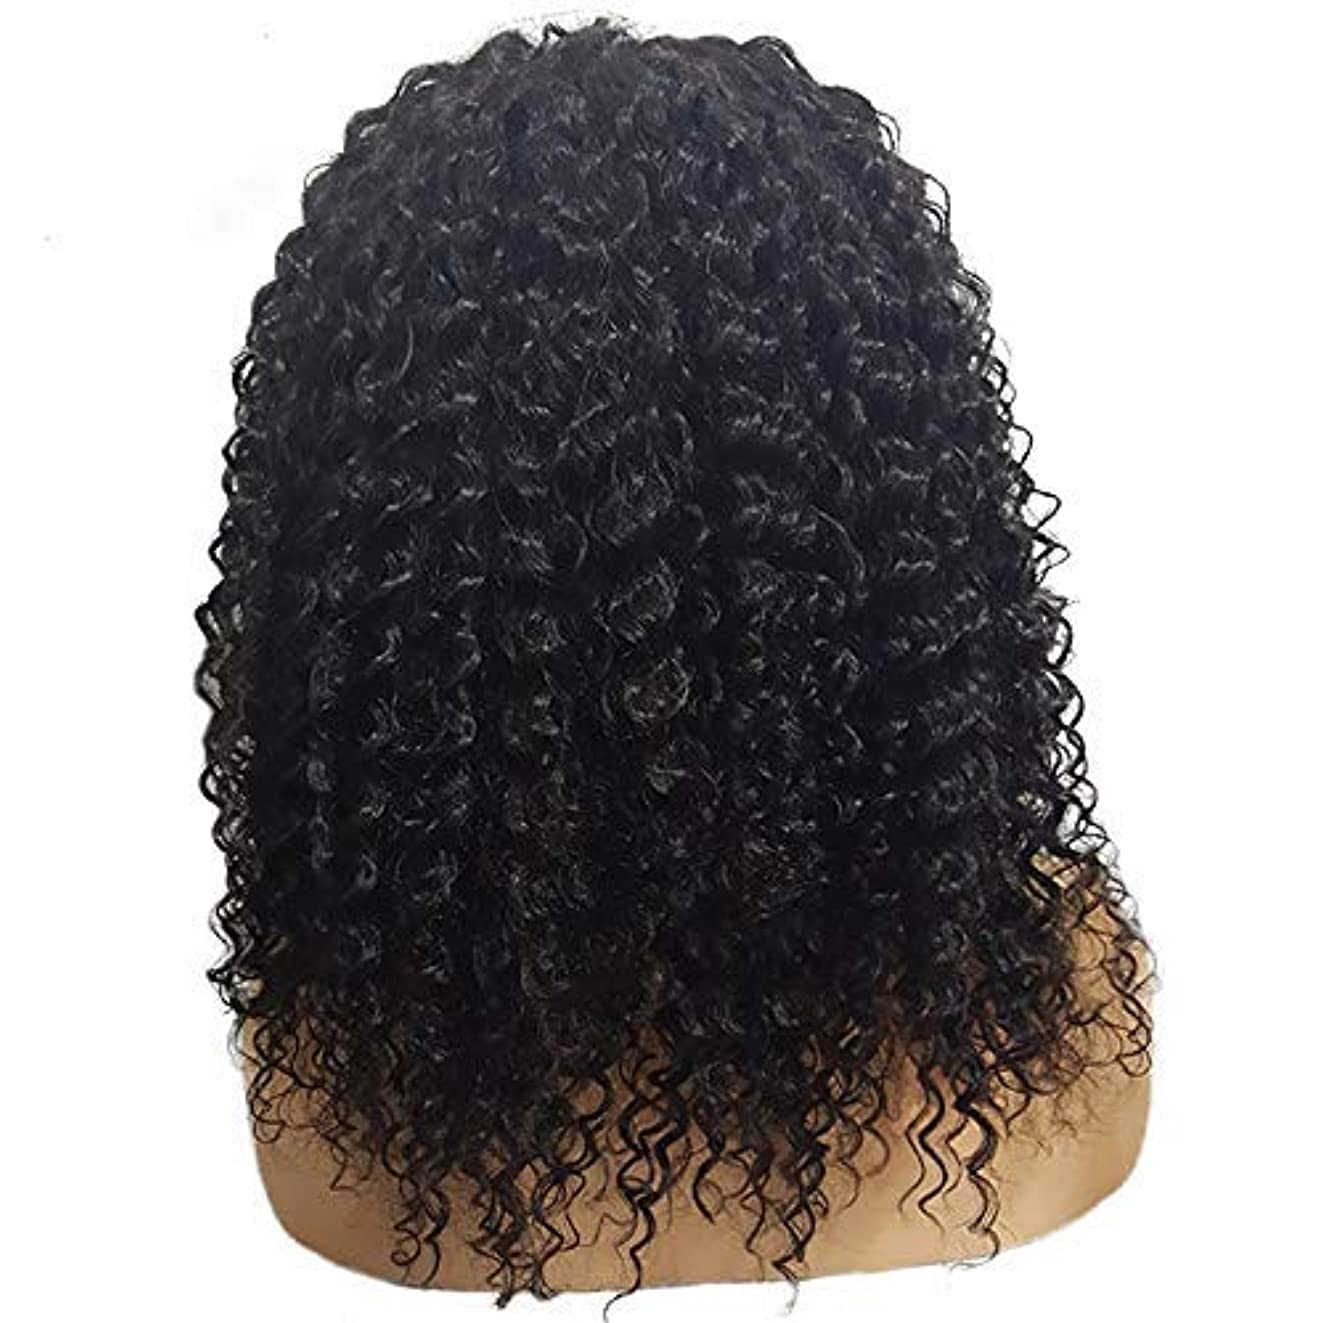 遷移オーバーラン毒液かつら短い巻き毛のかつらファッション化学繊維かつらフロントレース20インチ